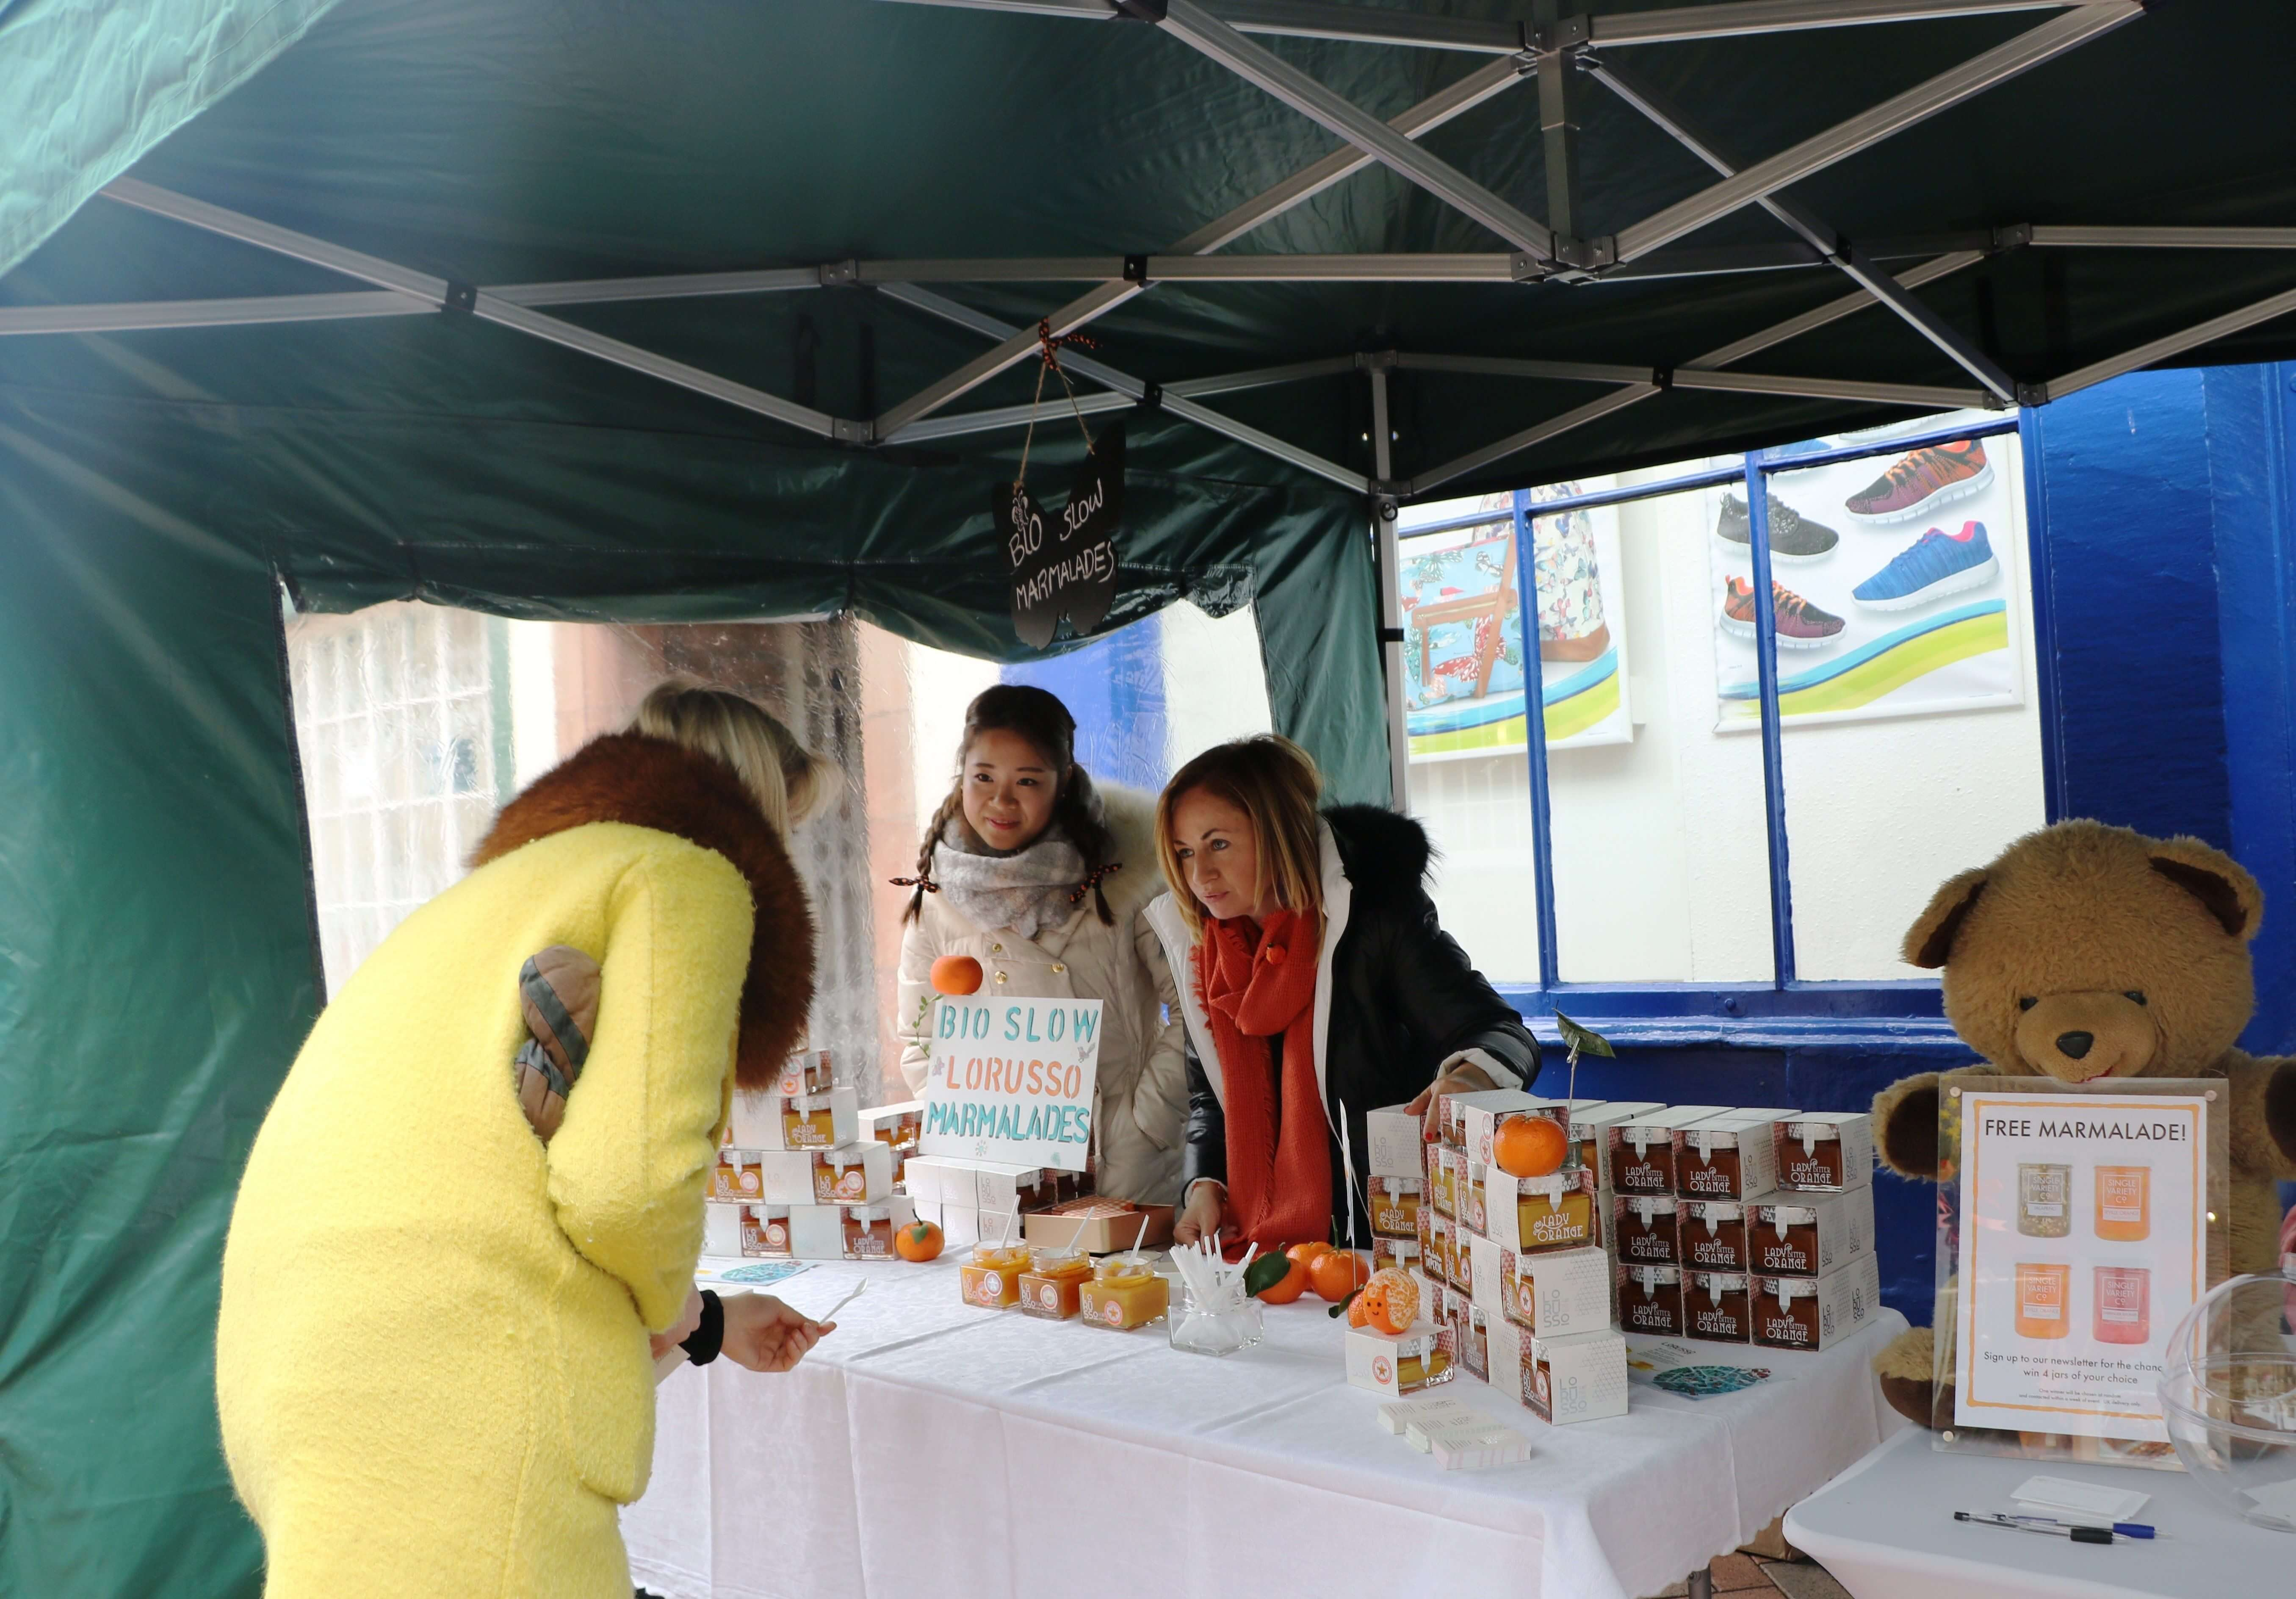 Mermeladas artesanas LoRUSSo en el Festival de Penrith